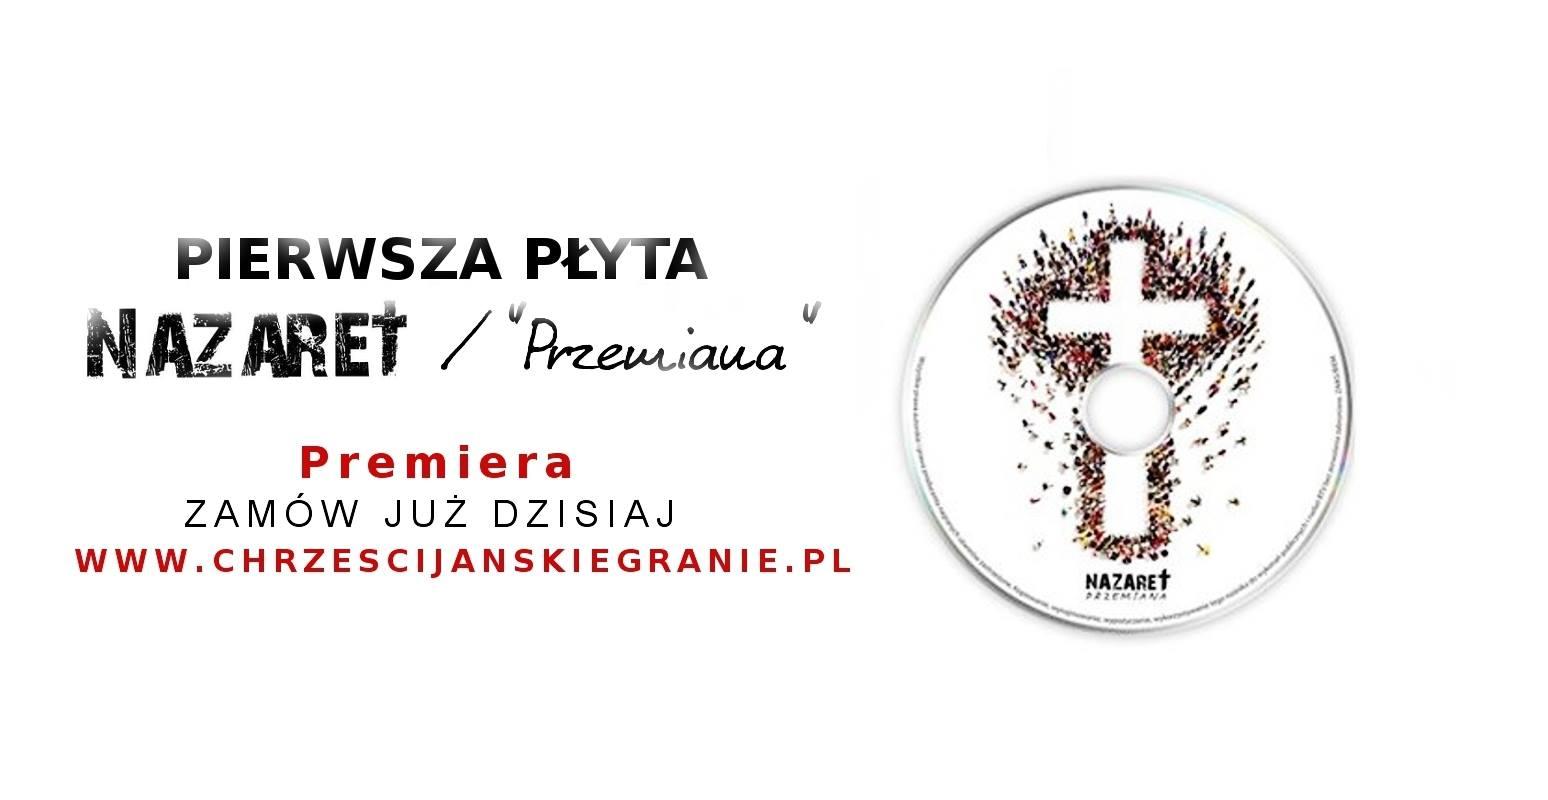 Nazaret - Przemiana CD